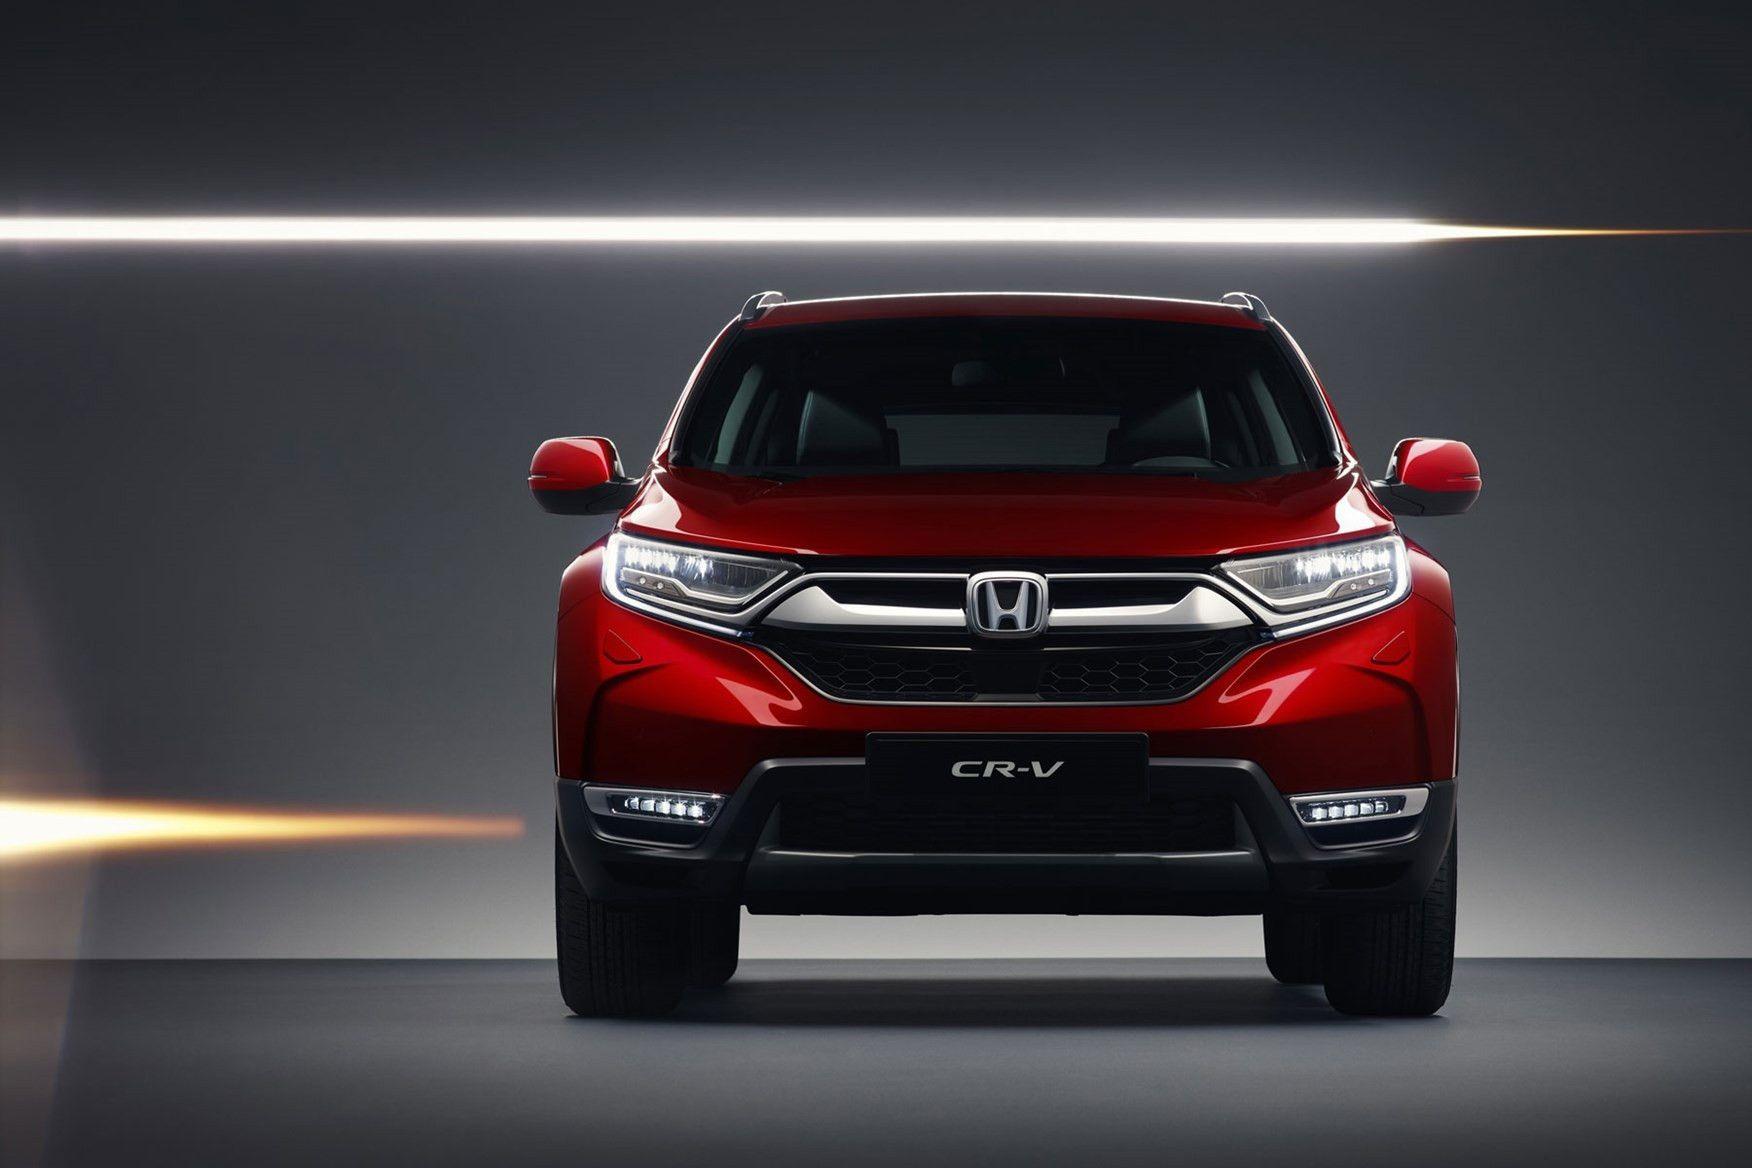 2020 Honda Cr V Awesome Crv 2019 Honda Hr V 2020 Diesel 2019 Jaguar Honda Crv Honda Honda Cr